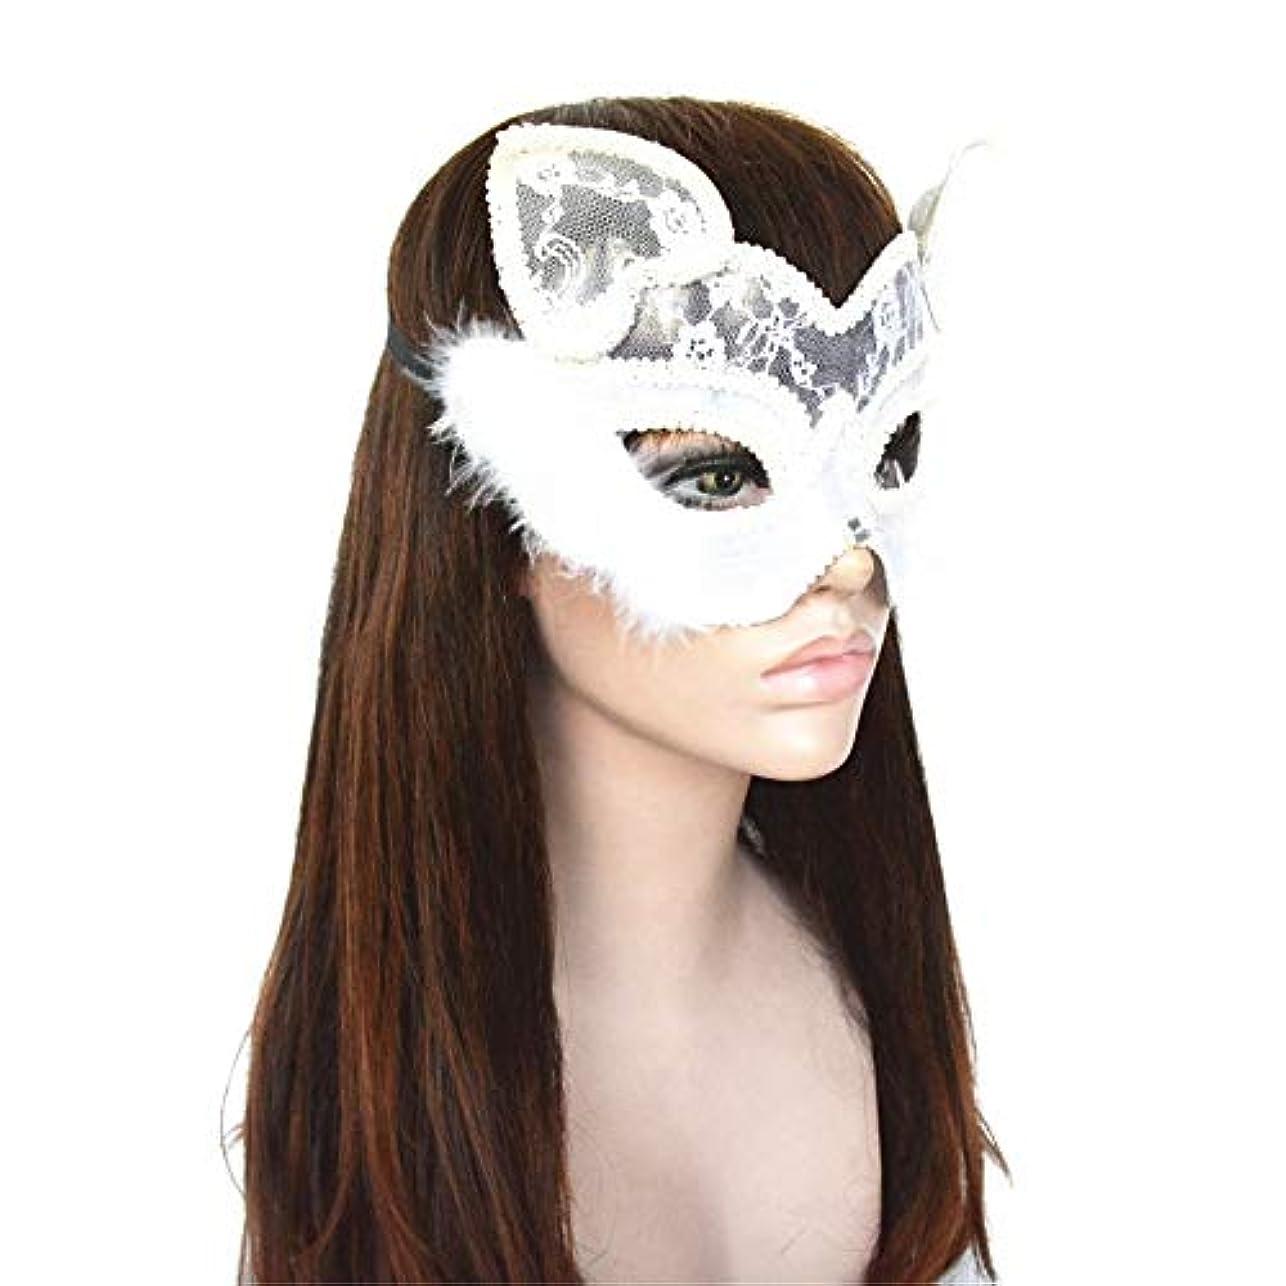 アルミニウム科学的肌寒いダンスマスク レース楽しい女性動物猫顔ポリ塩化ビニールハロウィンマスククリスマス製品コスプレナイトクラブパーティーマスク ホリデーパーティー用品 (色 : 白, サイズ : 19x15.5cm)